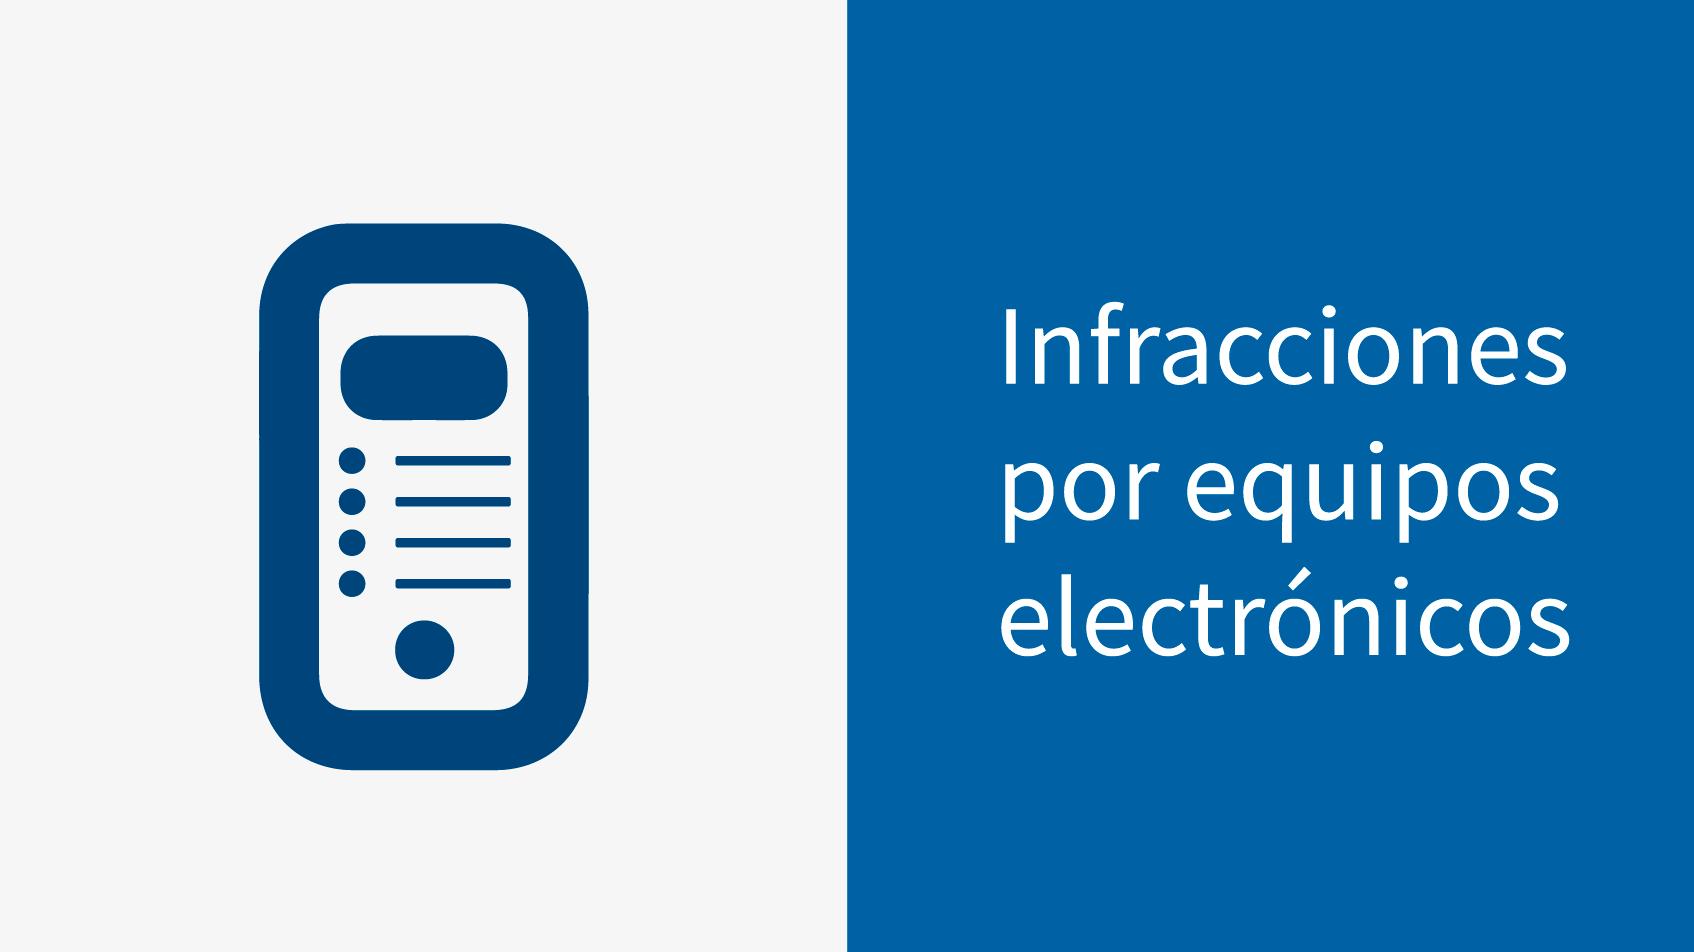 Infracciones por equipos electrónicos